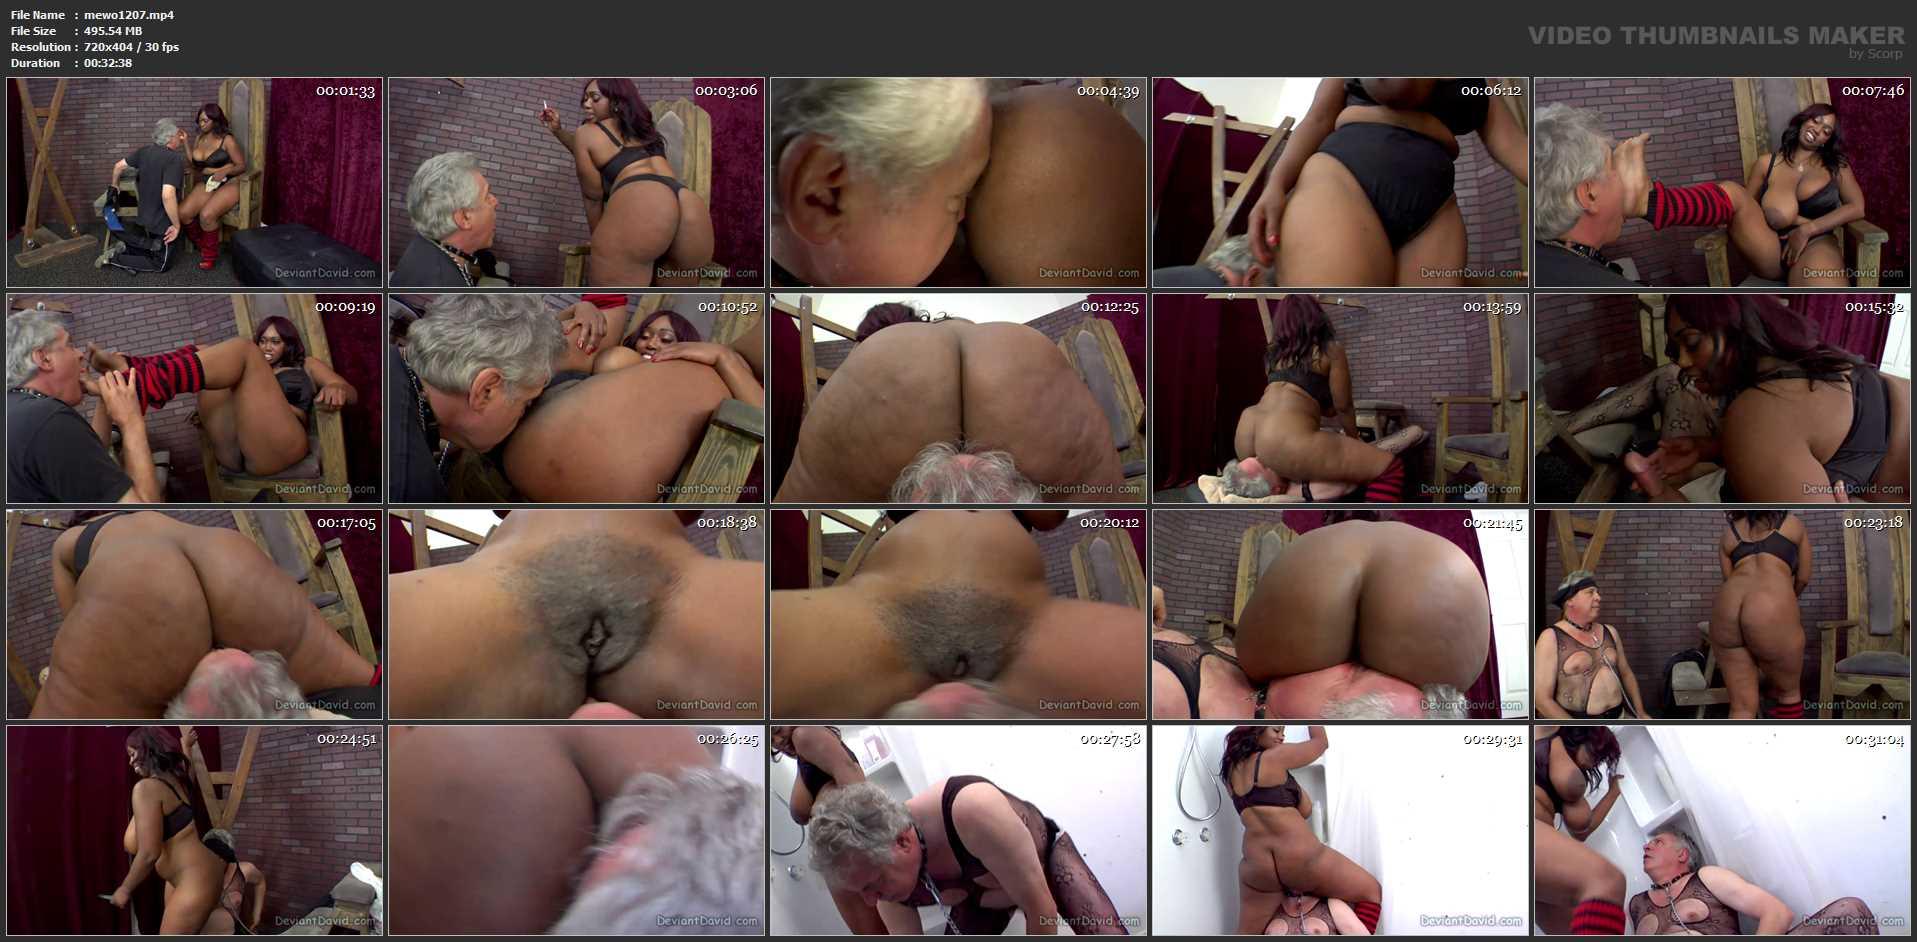 Delotta Brown In Scene: DEVIANTDAVID - Delotta Brown - MEANWORLD - SD/404p/MP4